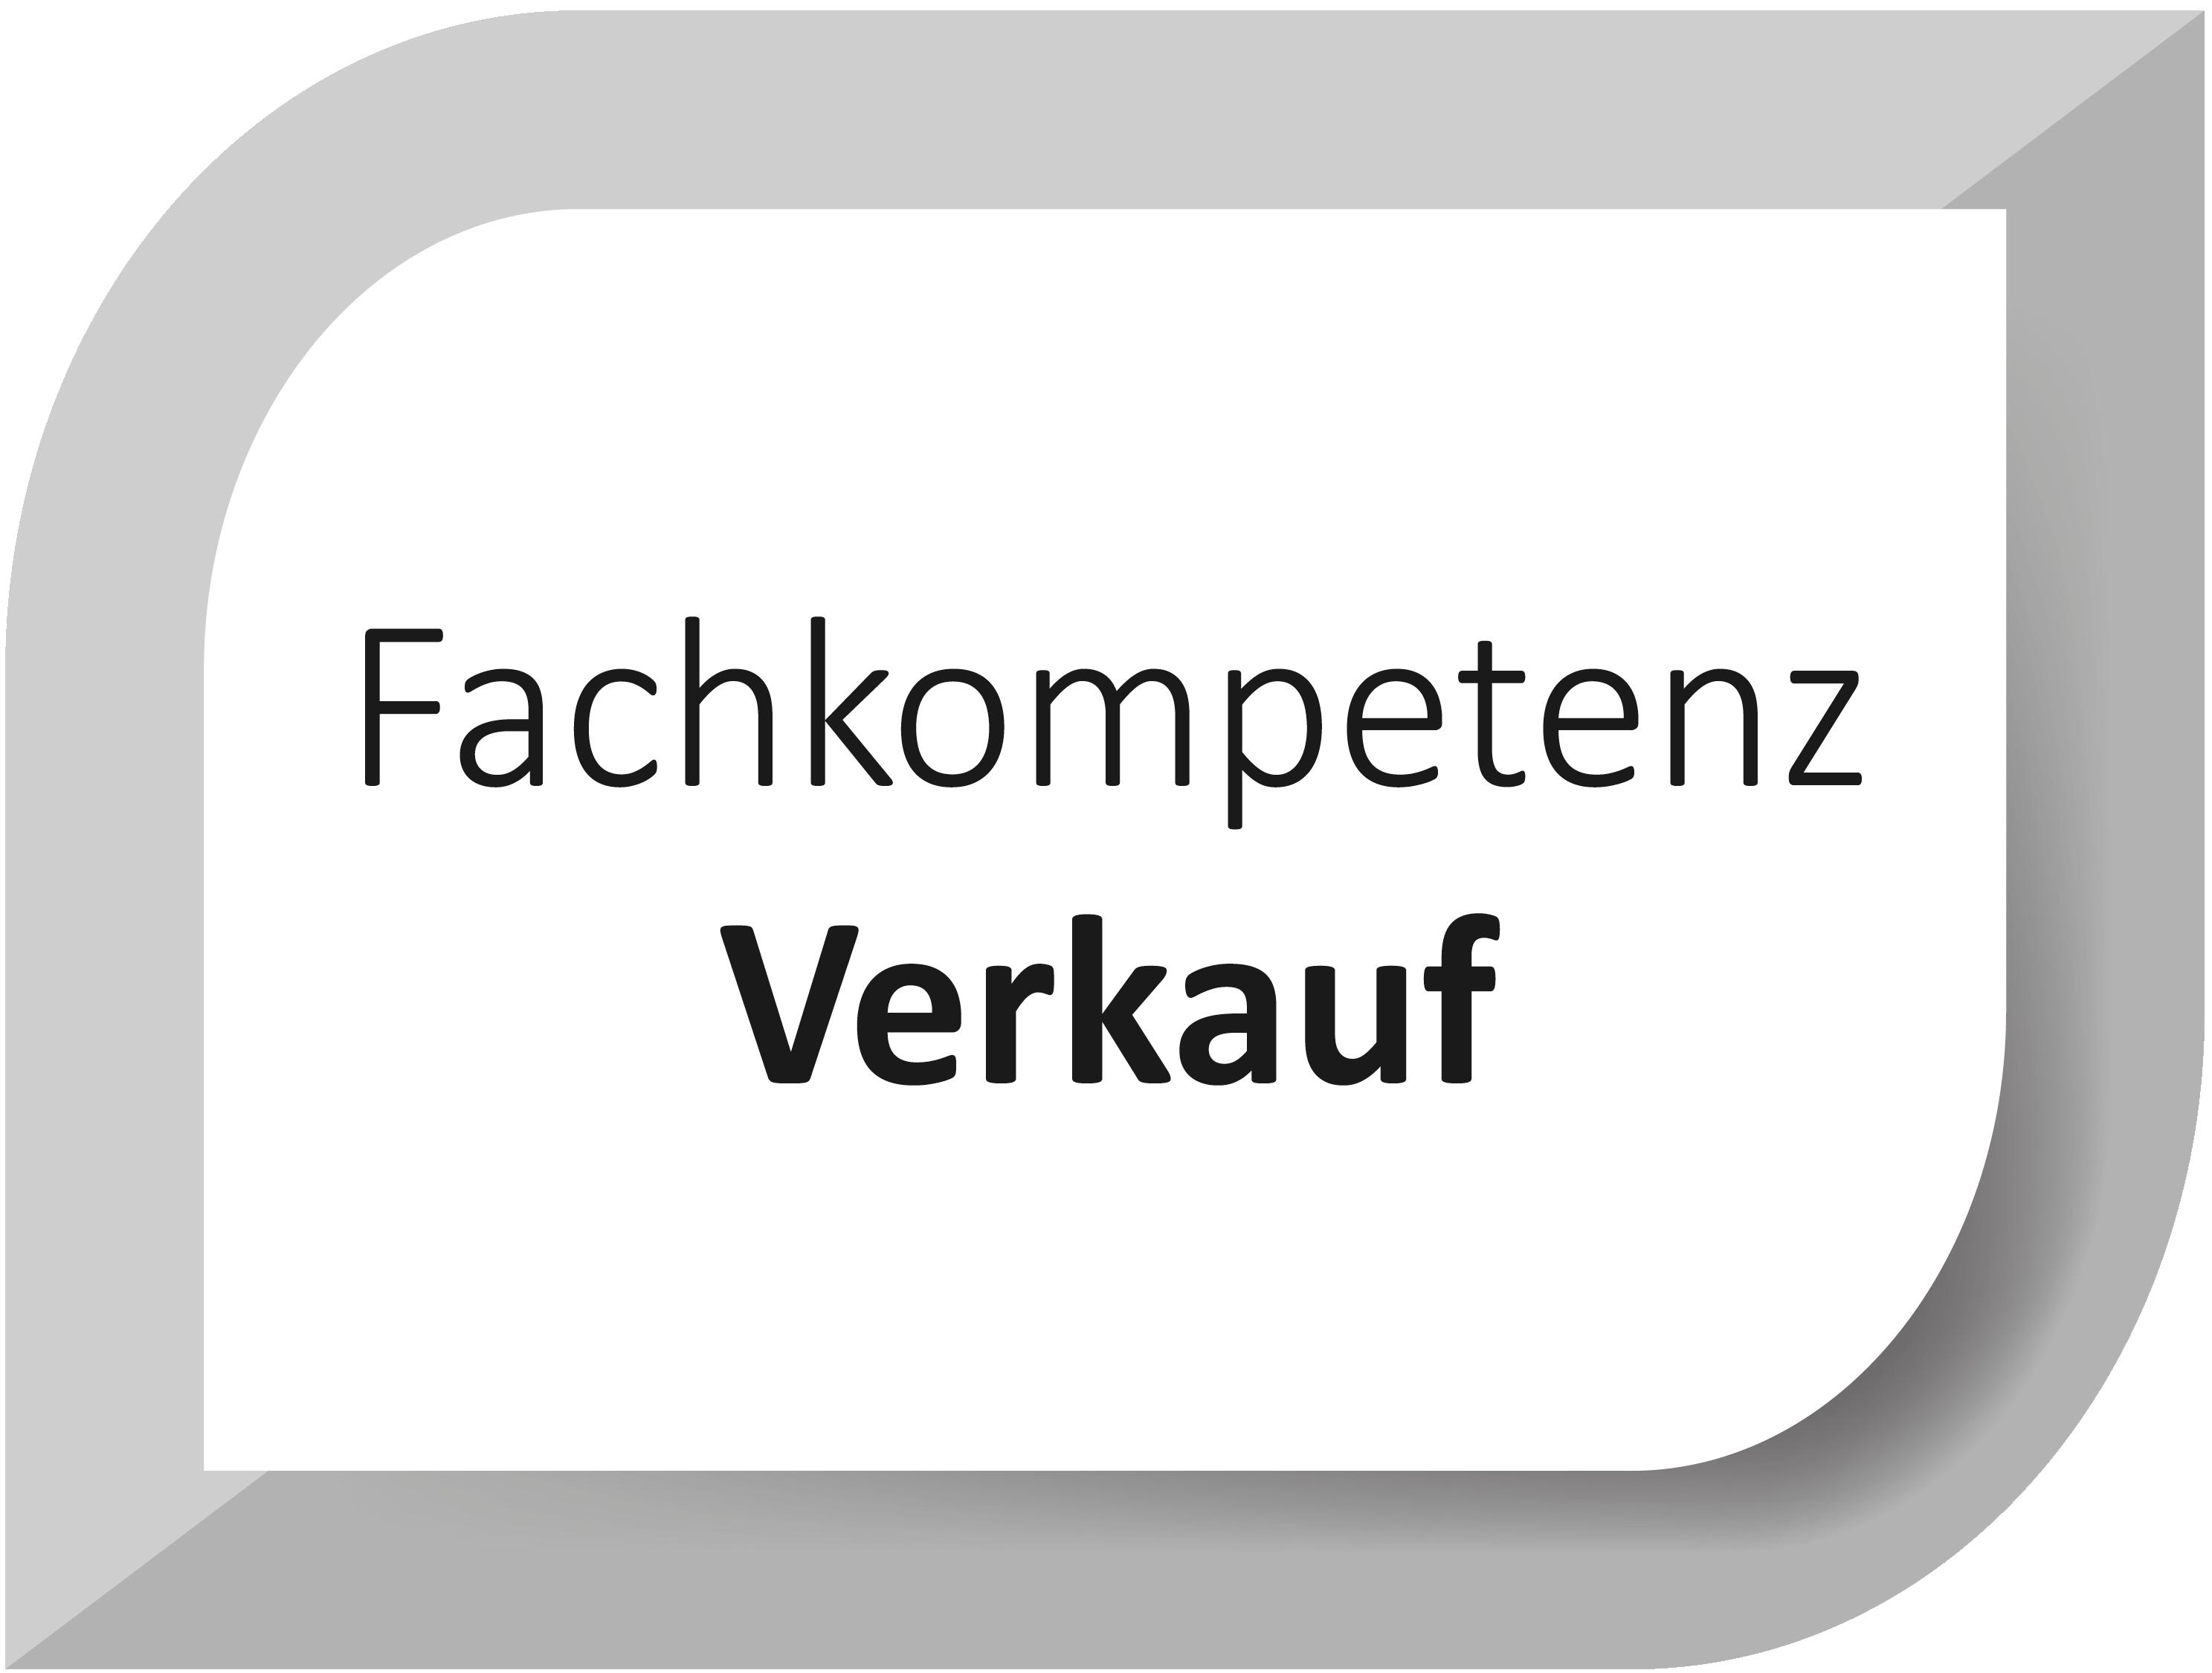 Button-Pastell_Fachkompetenz-Verkauf